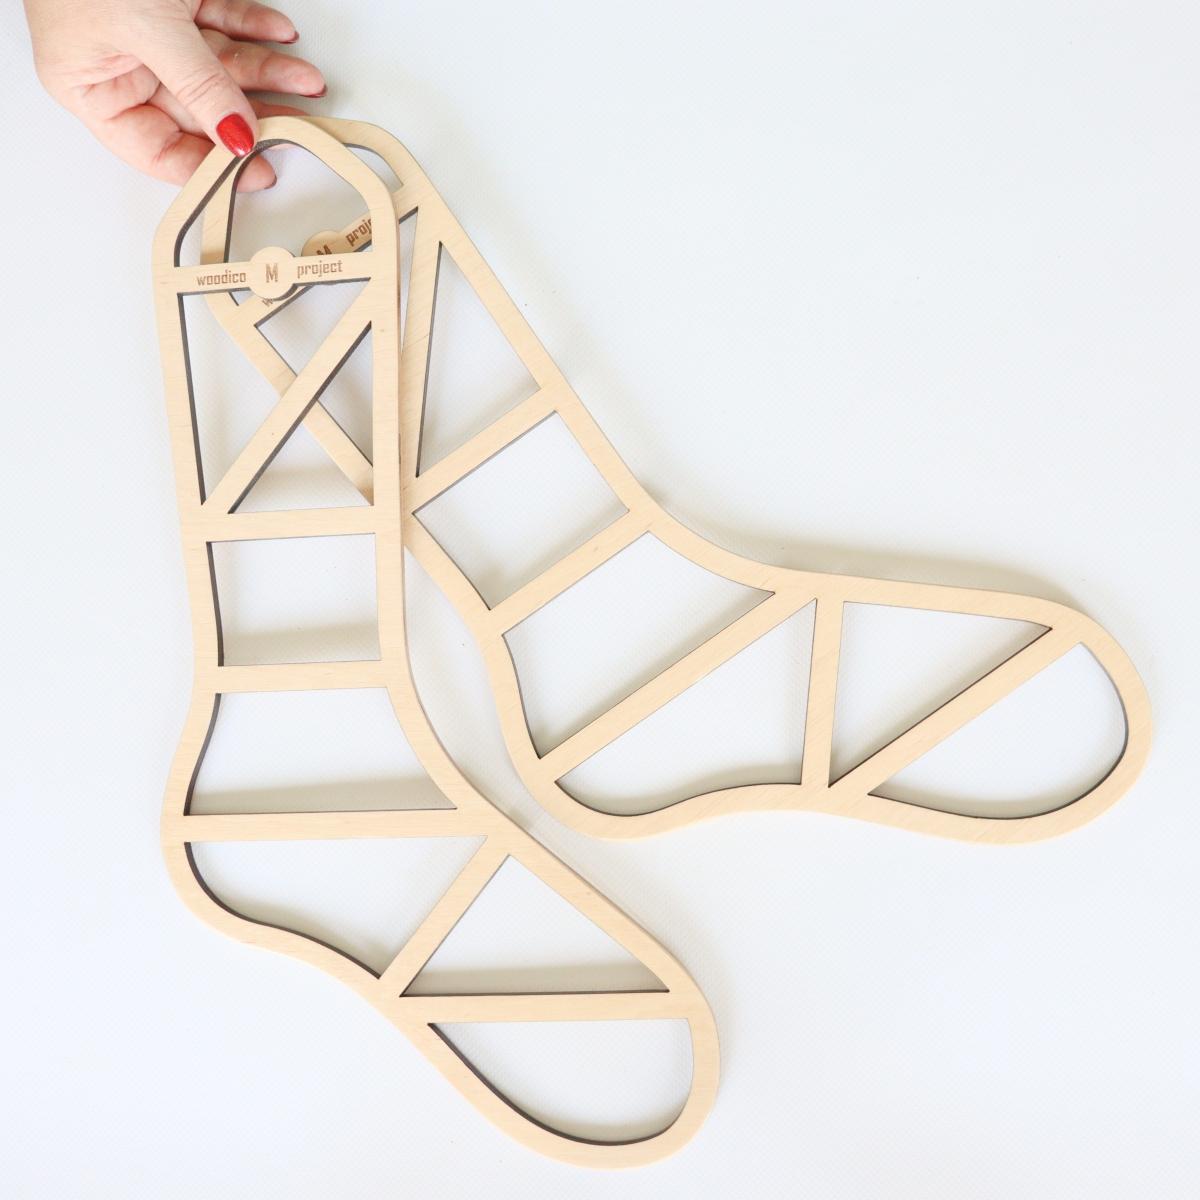 woodico.pro wooden sock blockers zen 8 1200x1200 - Wooden sock blockers / Zen